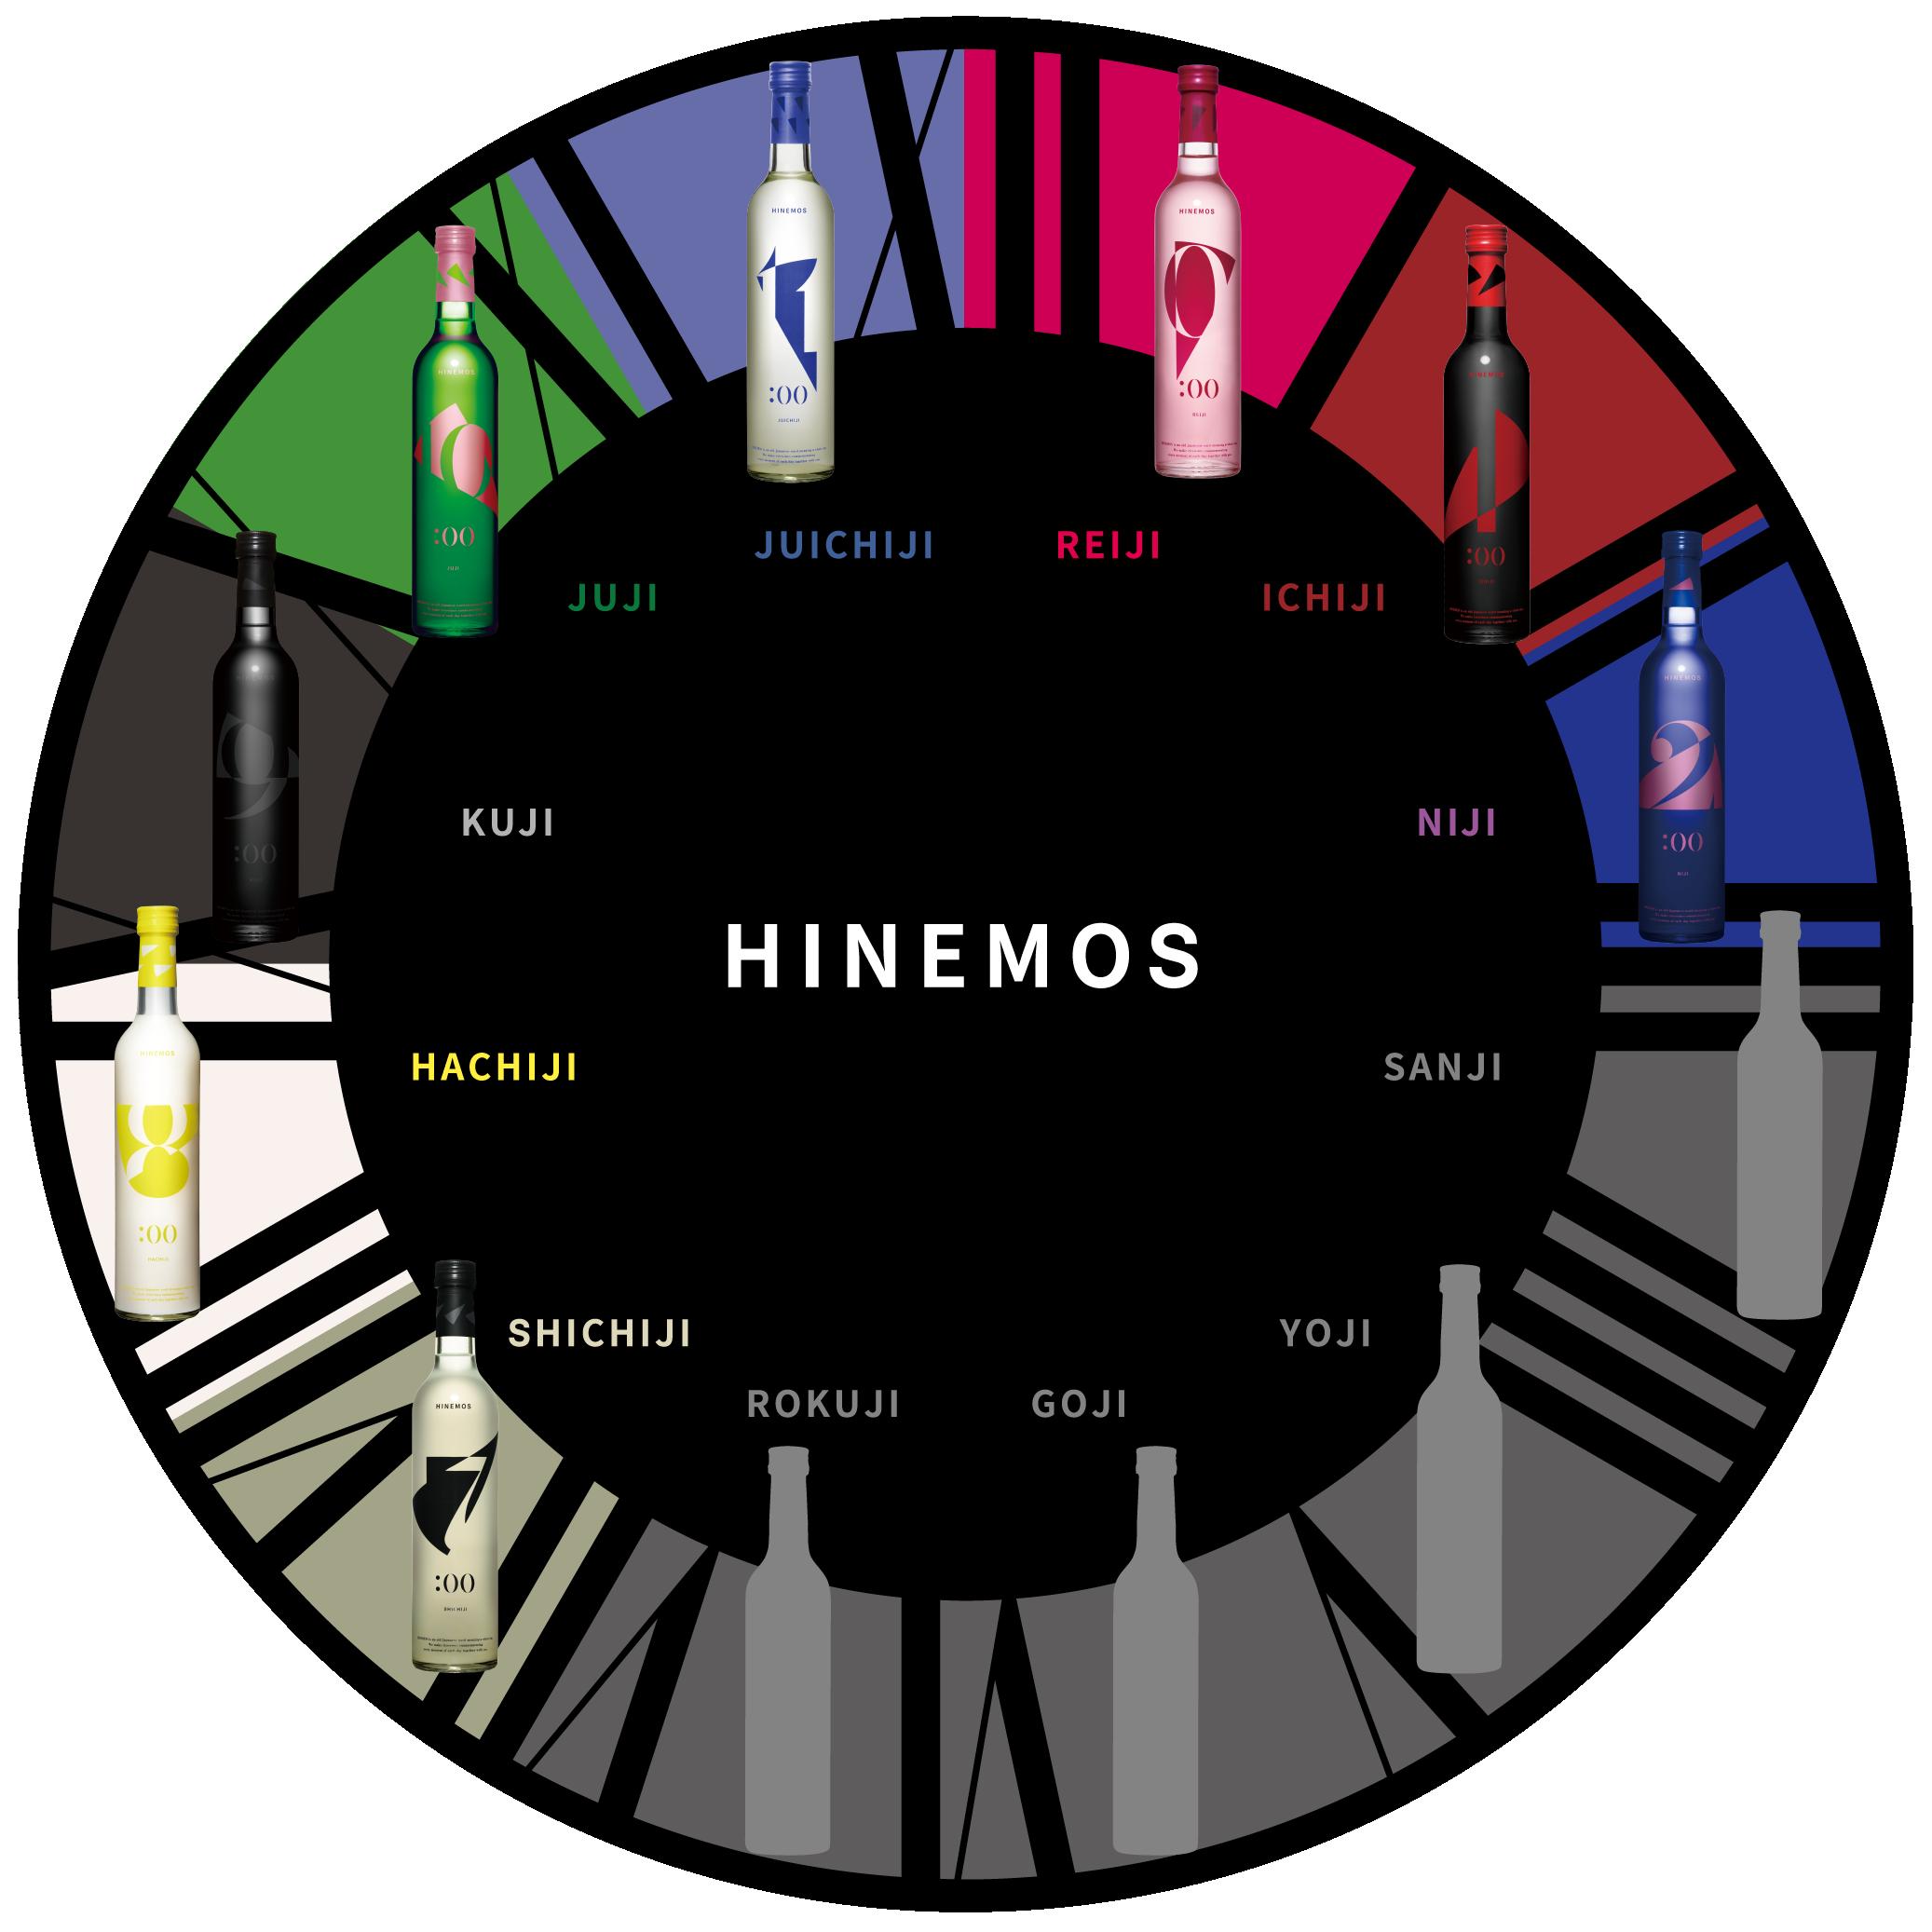 日本酒D2Cのライスワイン、老舗酒蔵とタッグを組み新たな日本酒造りに挑戦